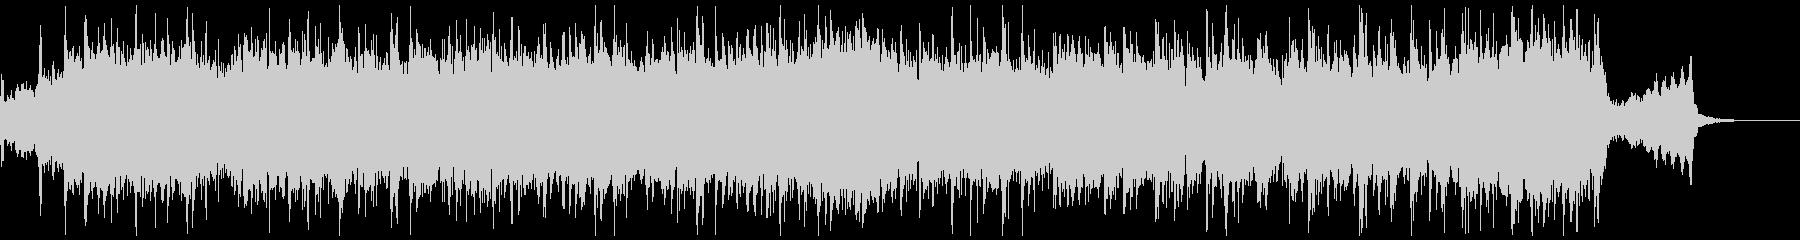 【30秒】情熱大陸の様なバイオリンBGMの未再生の波形